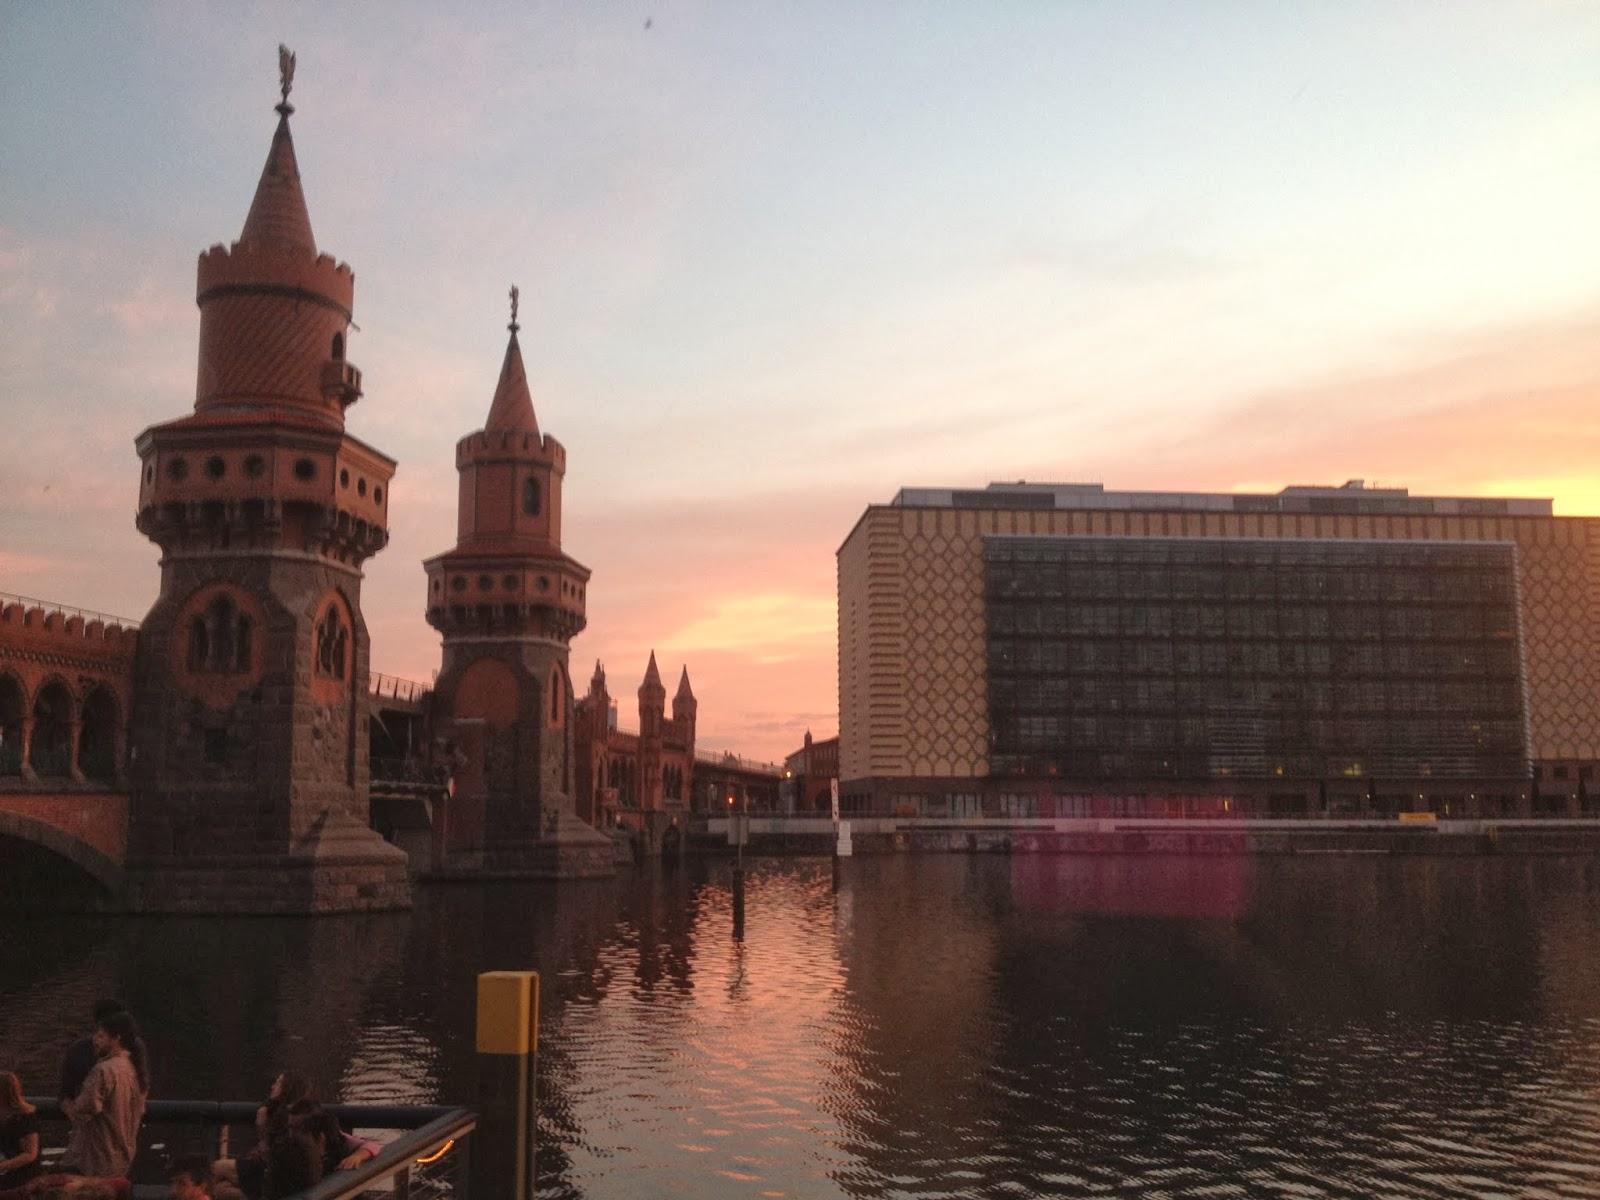 Sunrise at Oberbaumbrucke in Berlin